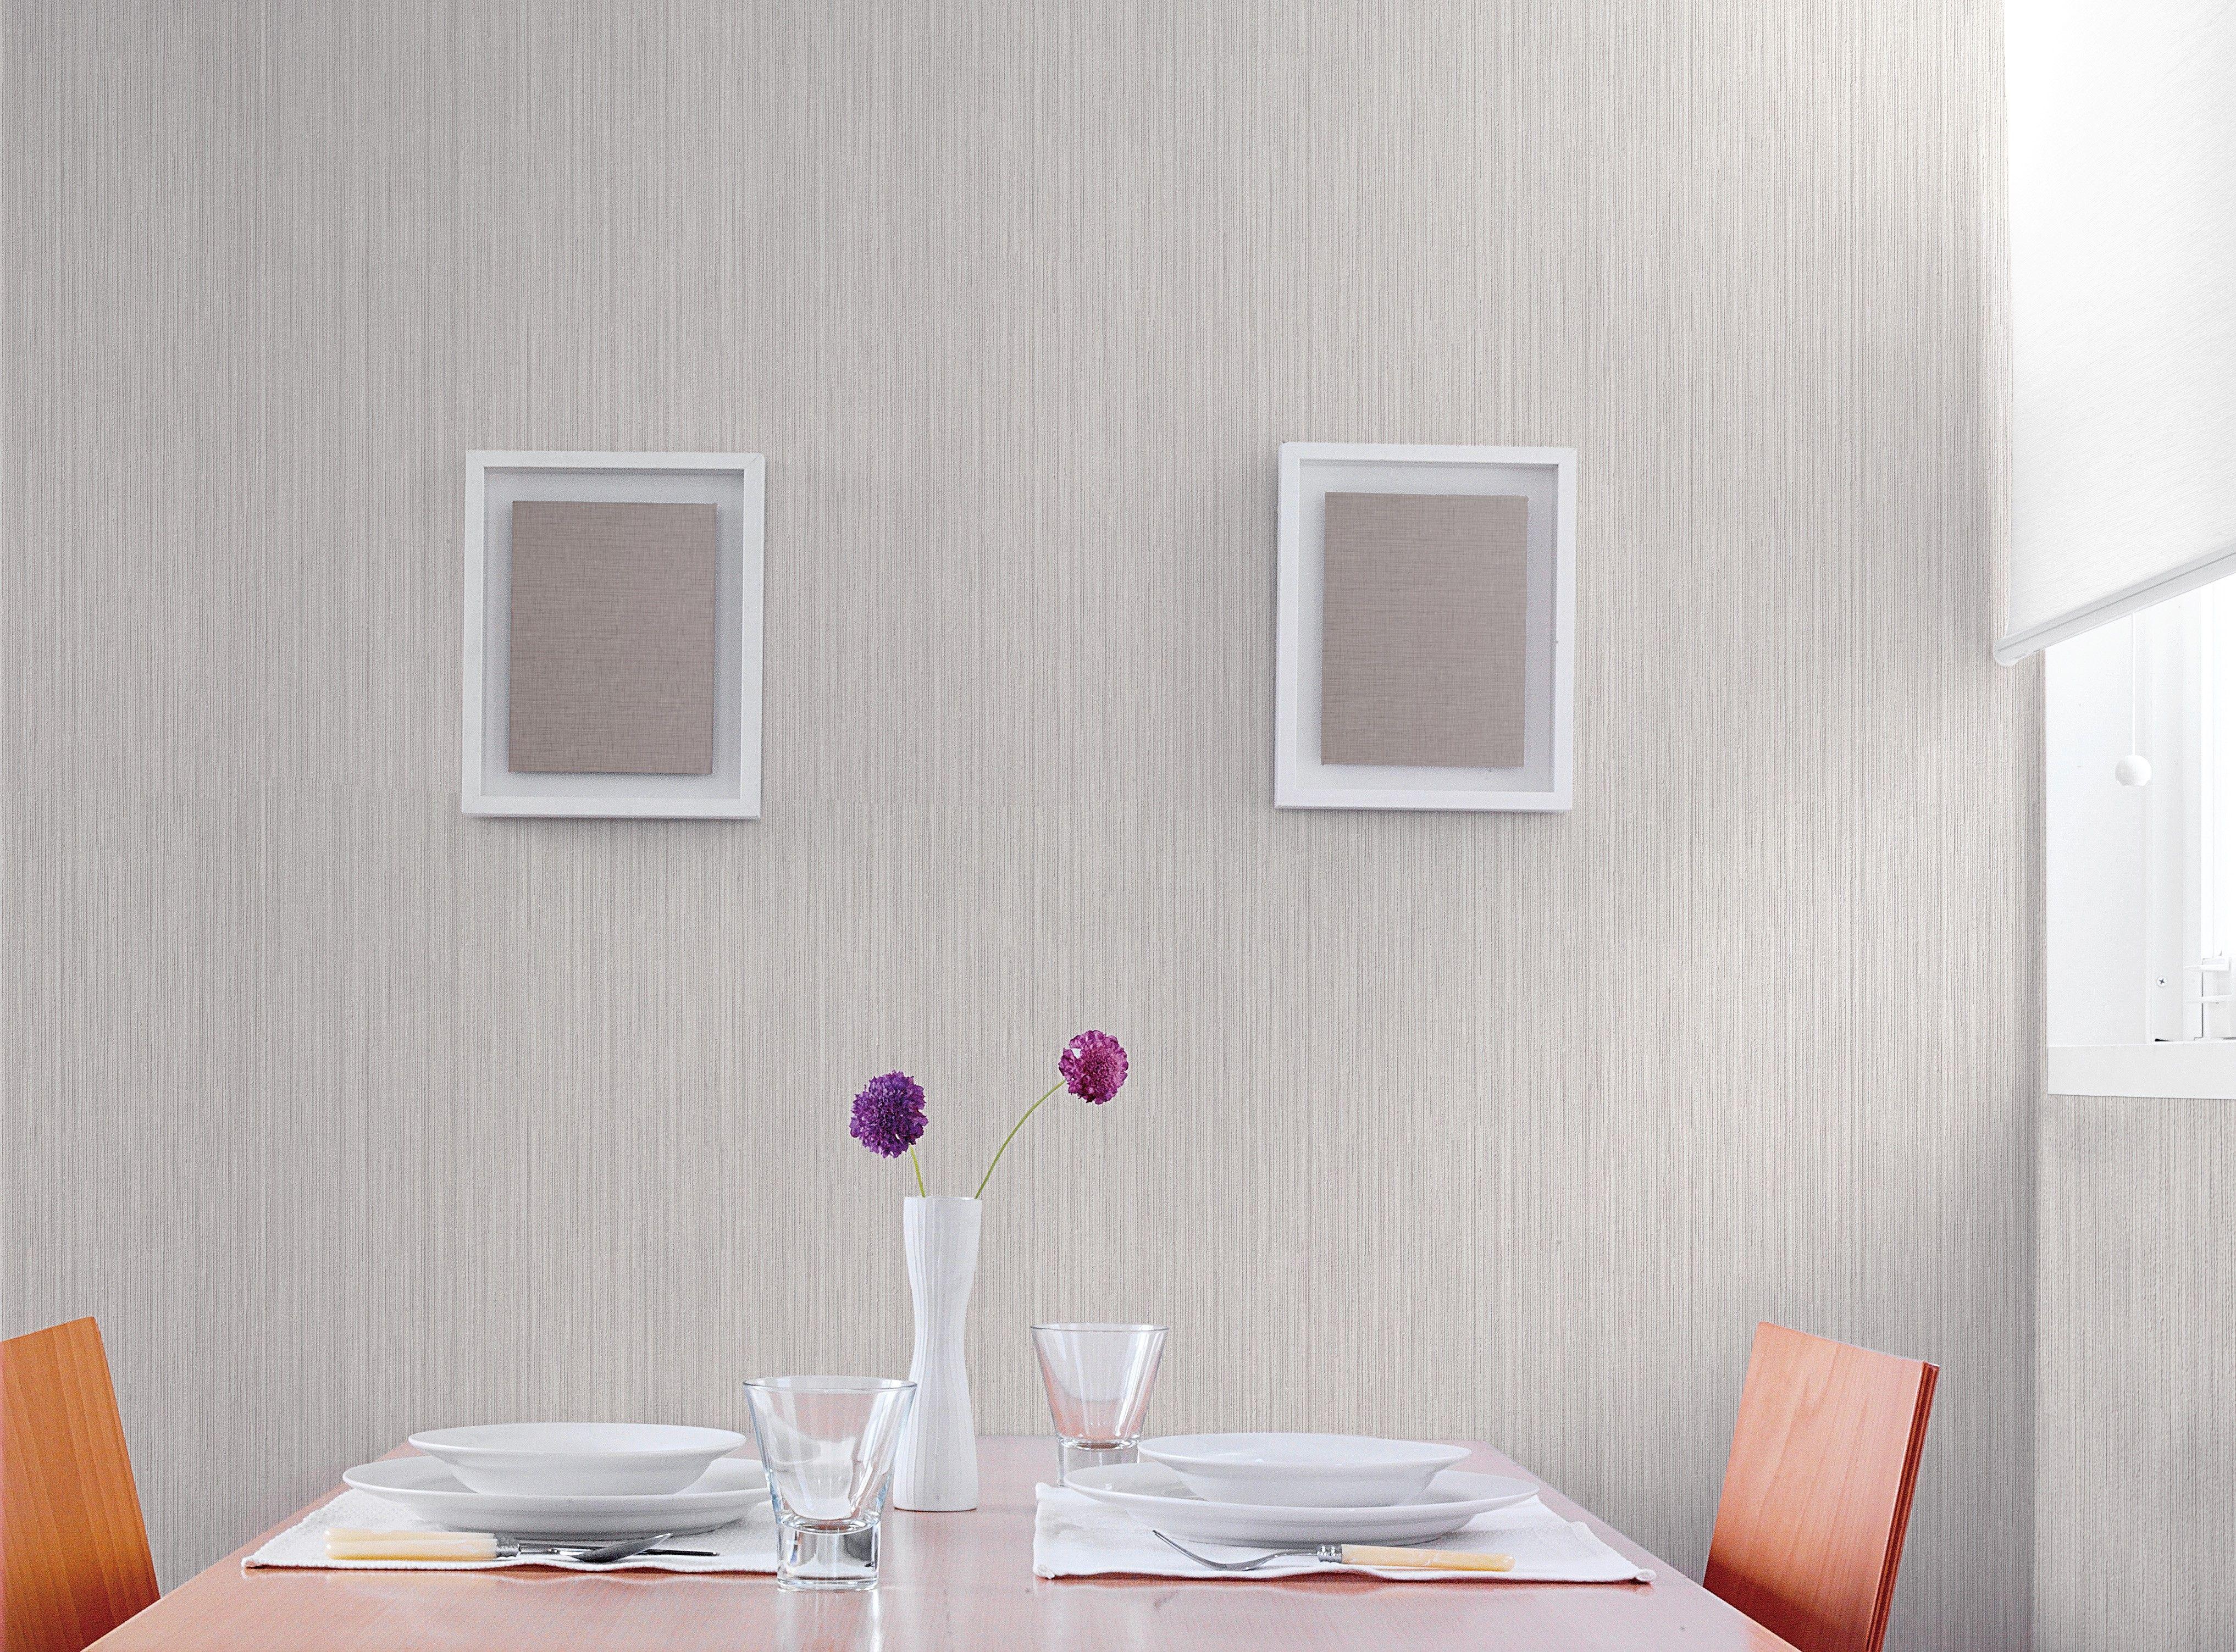 pany Sehus ll Product Skipton Wall ll Website